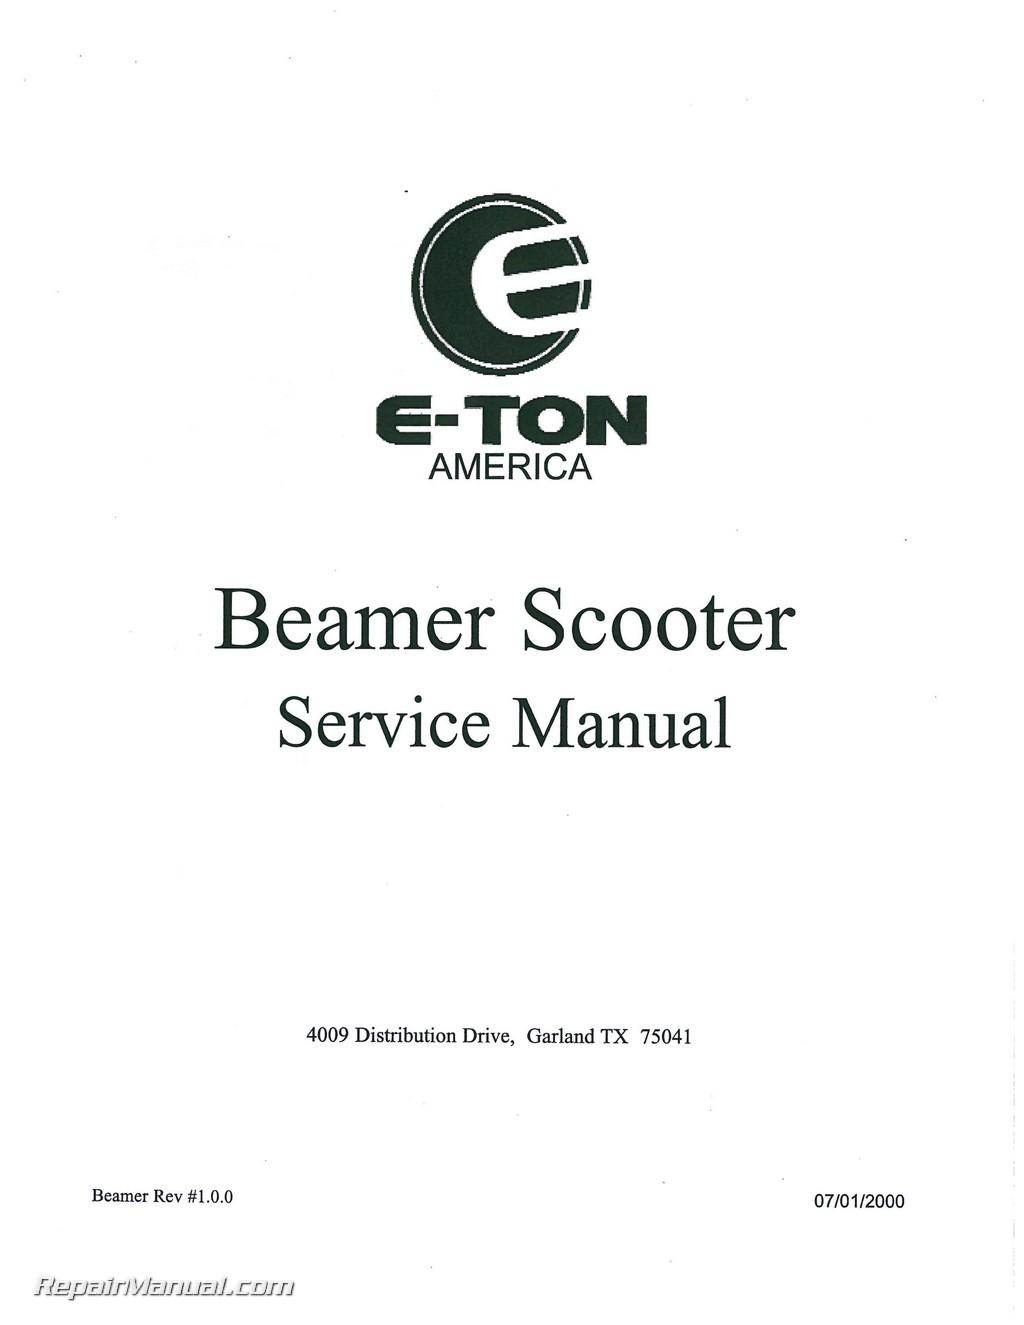 Eton Beamer Scooter Service Manual